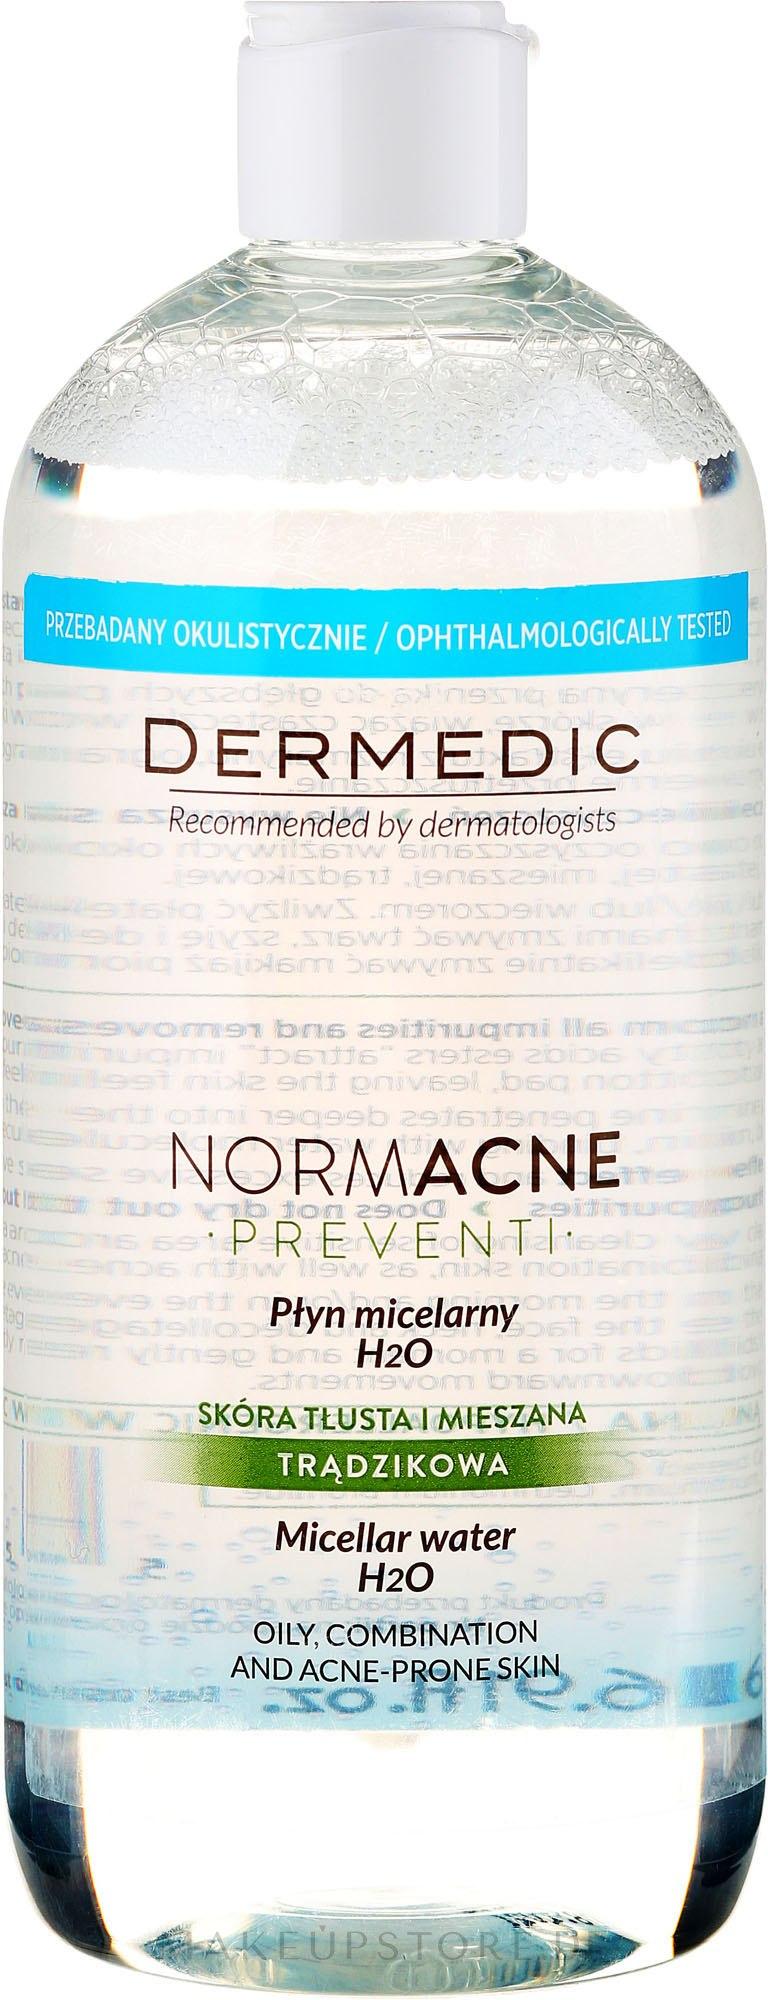 Mizellen-Reinigungswasser für fettige und Mischhaut - Dermedic NormAcne Preventi H2O Micellaire Water — Bild 500 ml